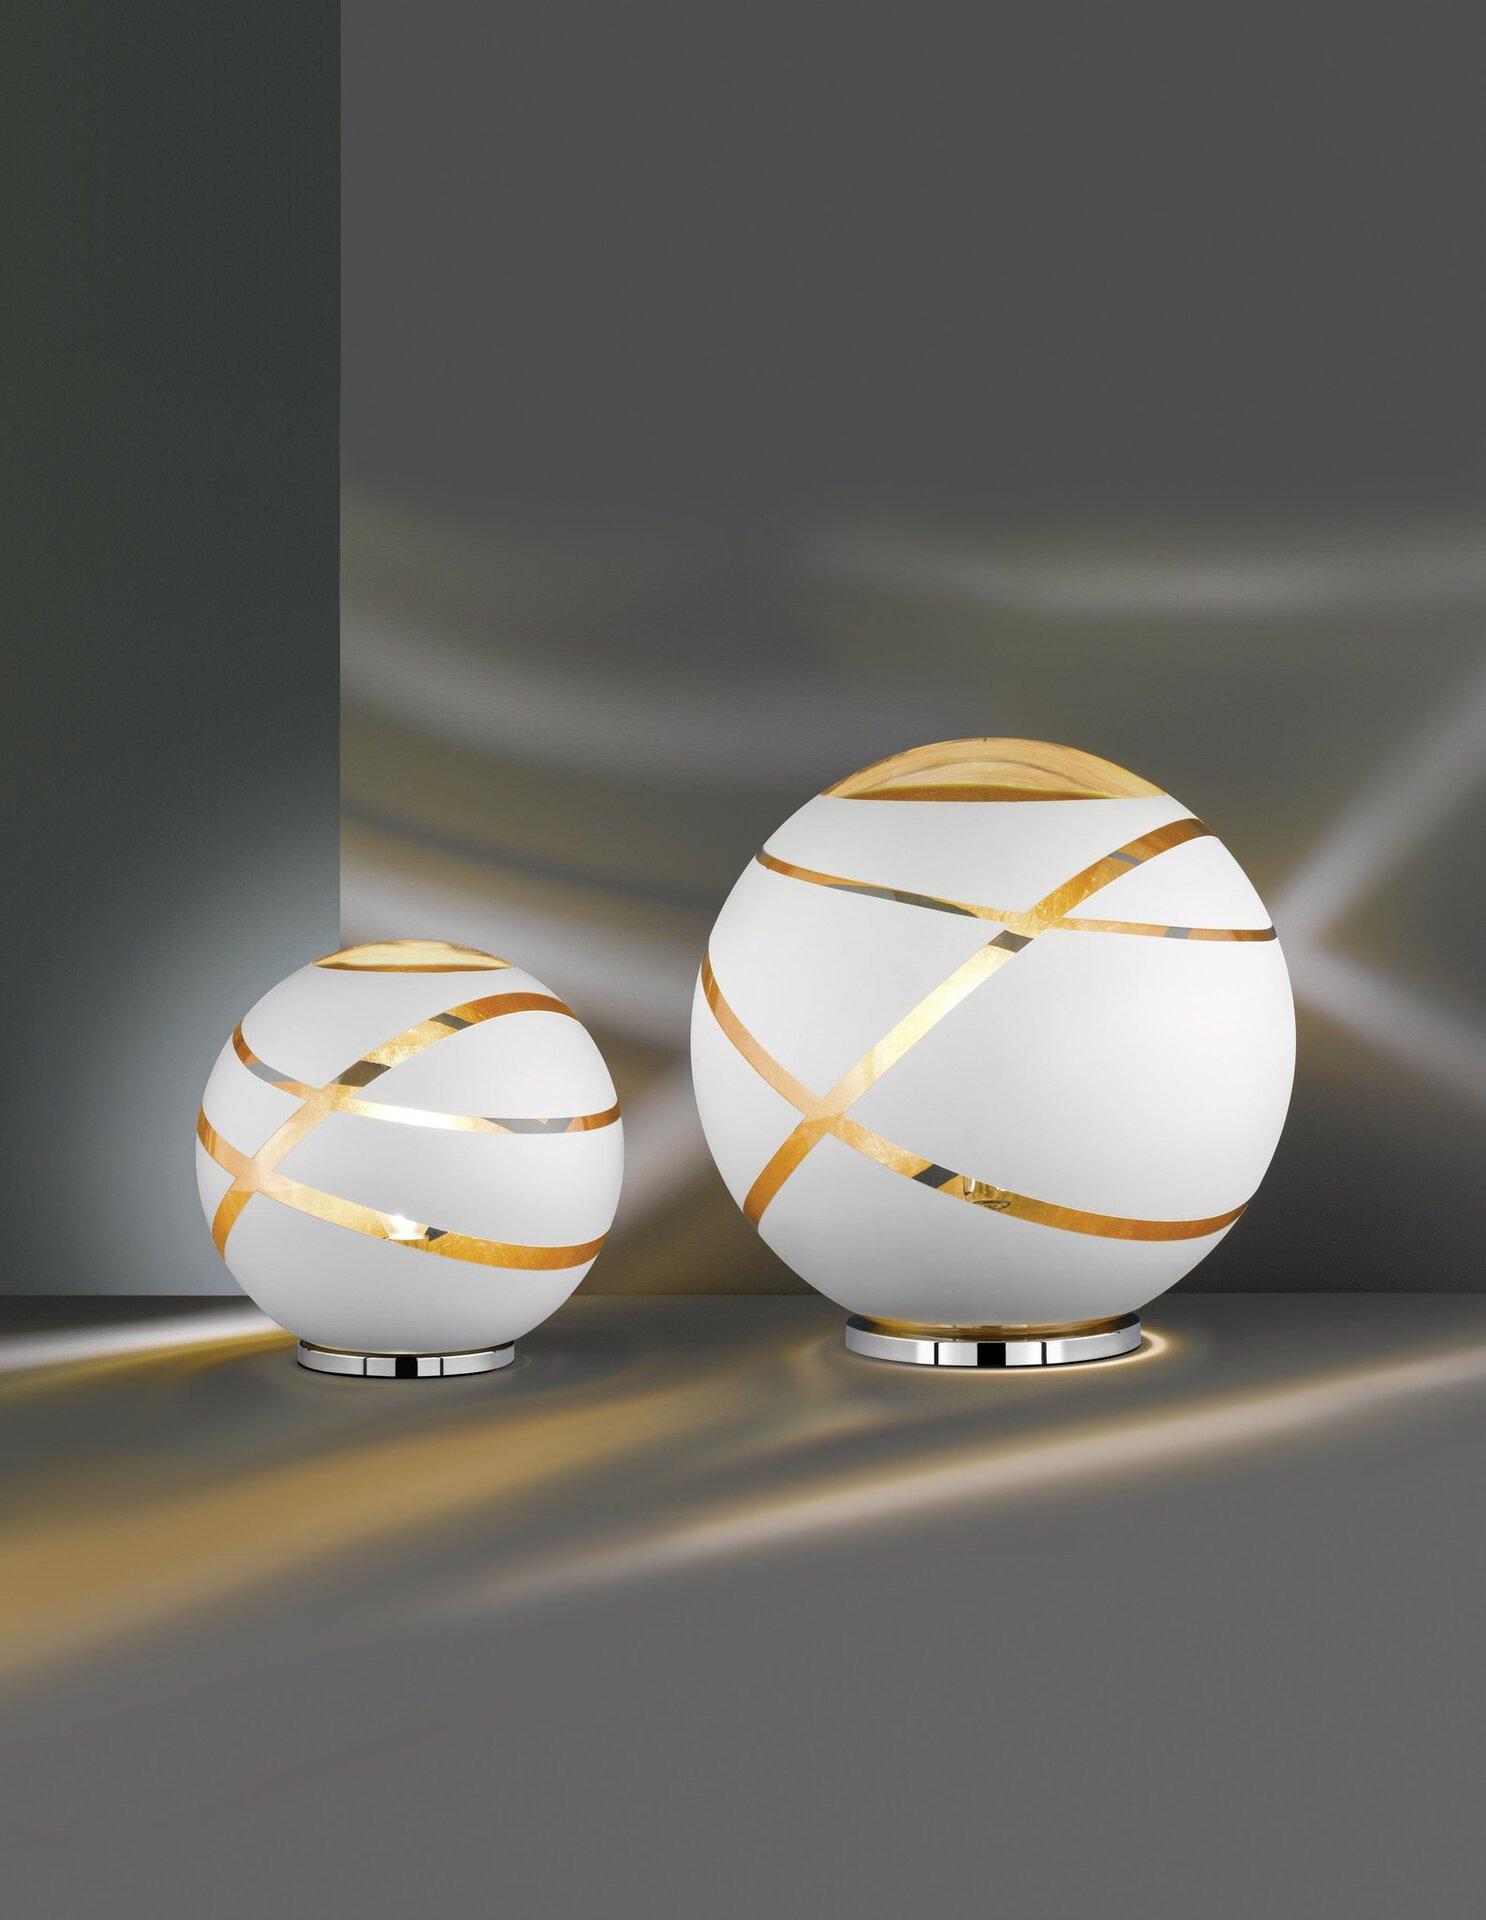 Tischleuchte Faro Trio Leuchten Glas 30 x 30 cm